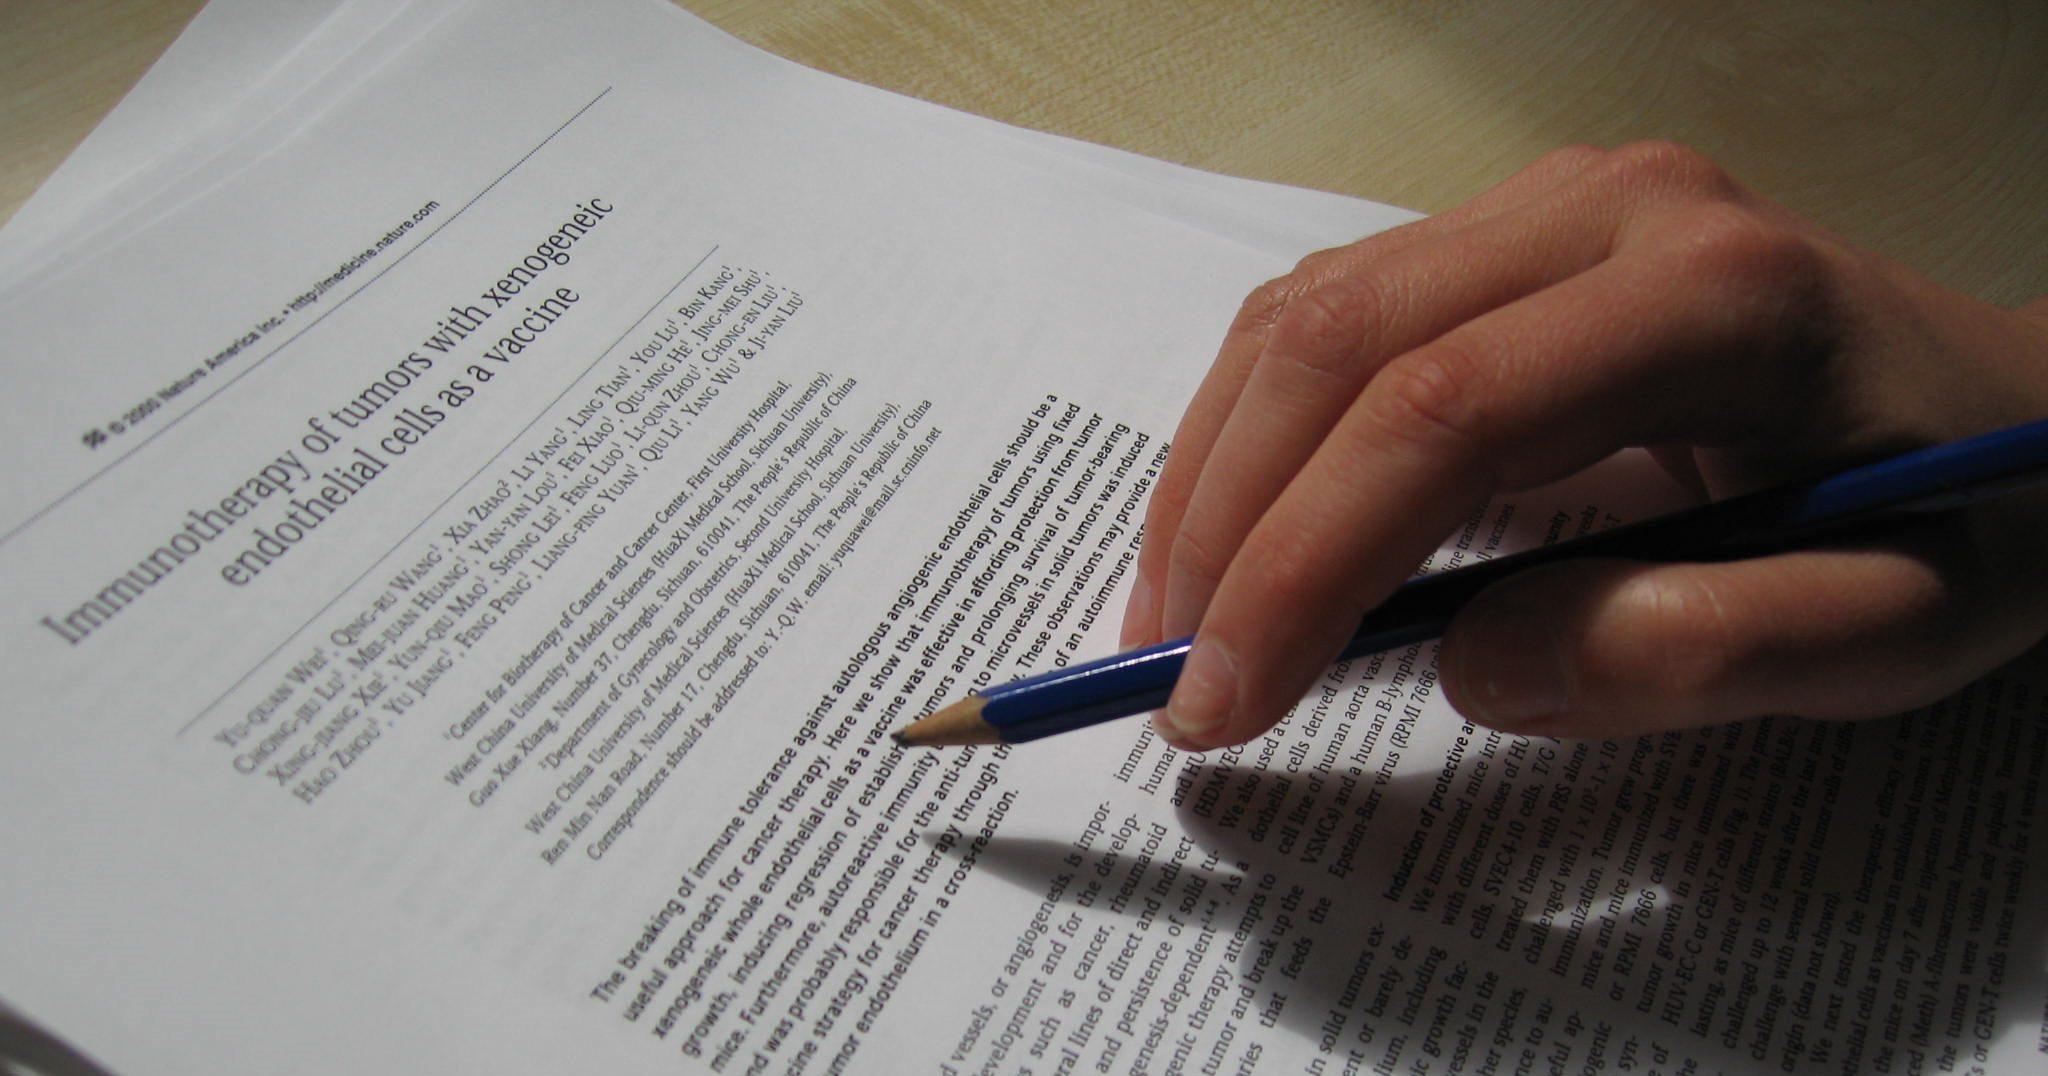 Publicar artigos